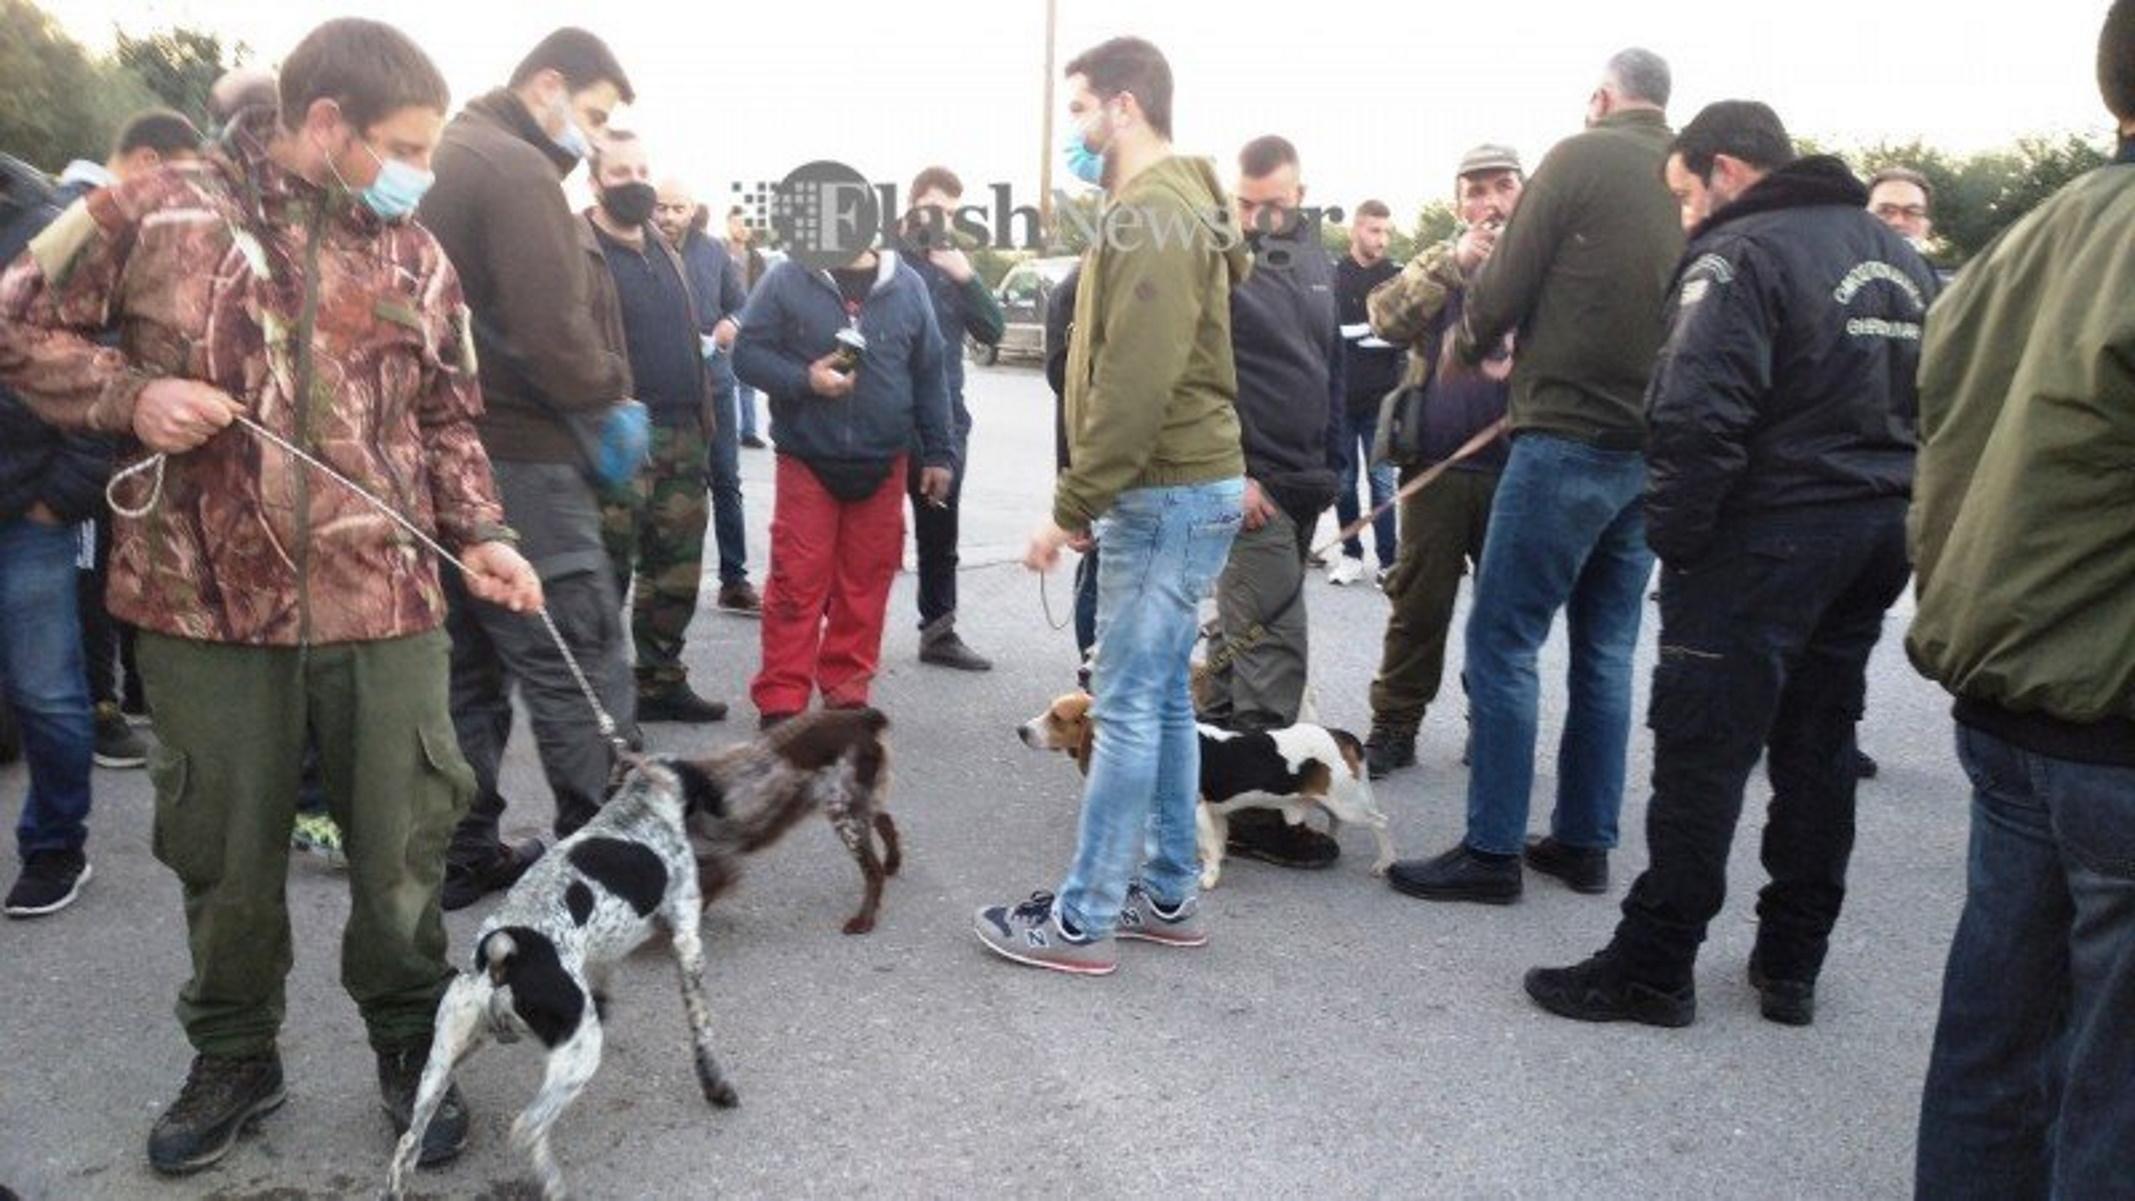 Χανιά: Συγκέντρωση διαμαρτυρίας κυνηγών με τα σκυλιά τους κατά της απαγόρευσης (pics, video)